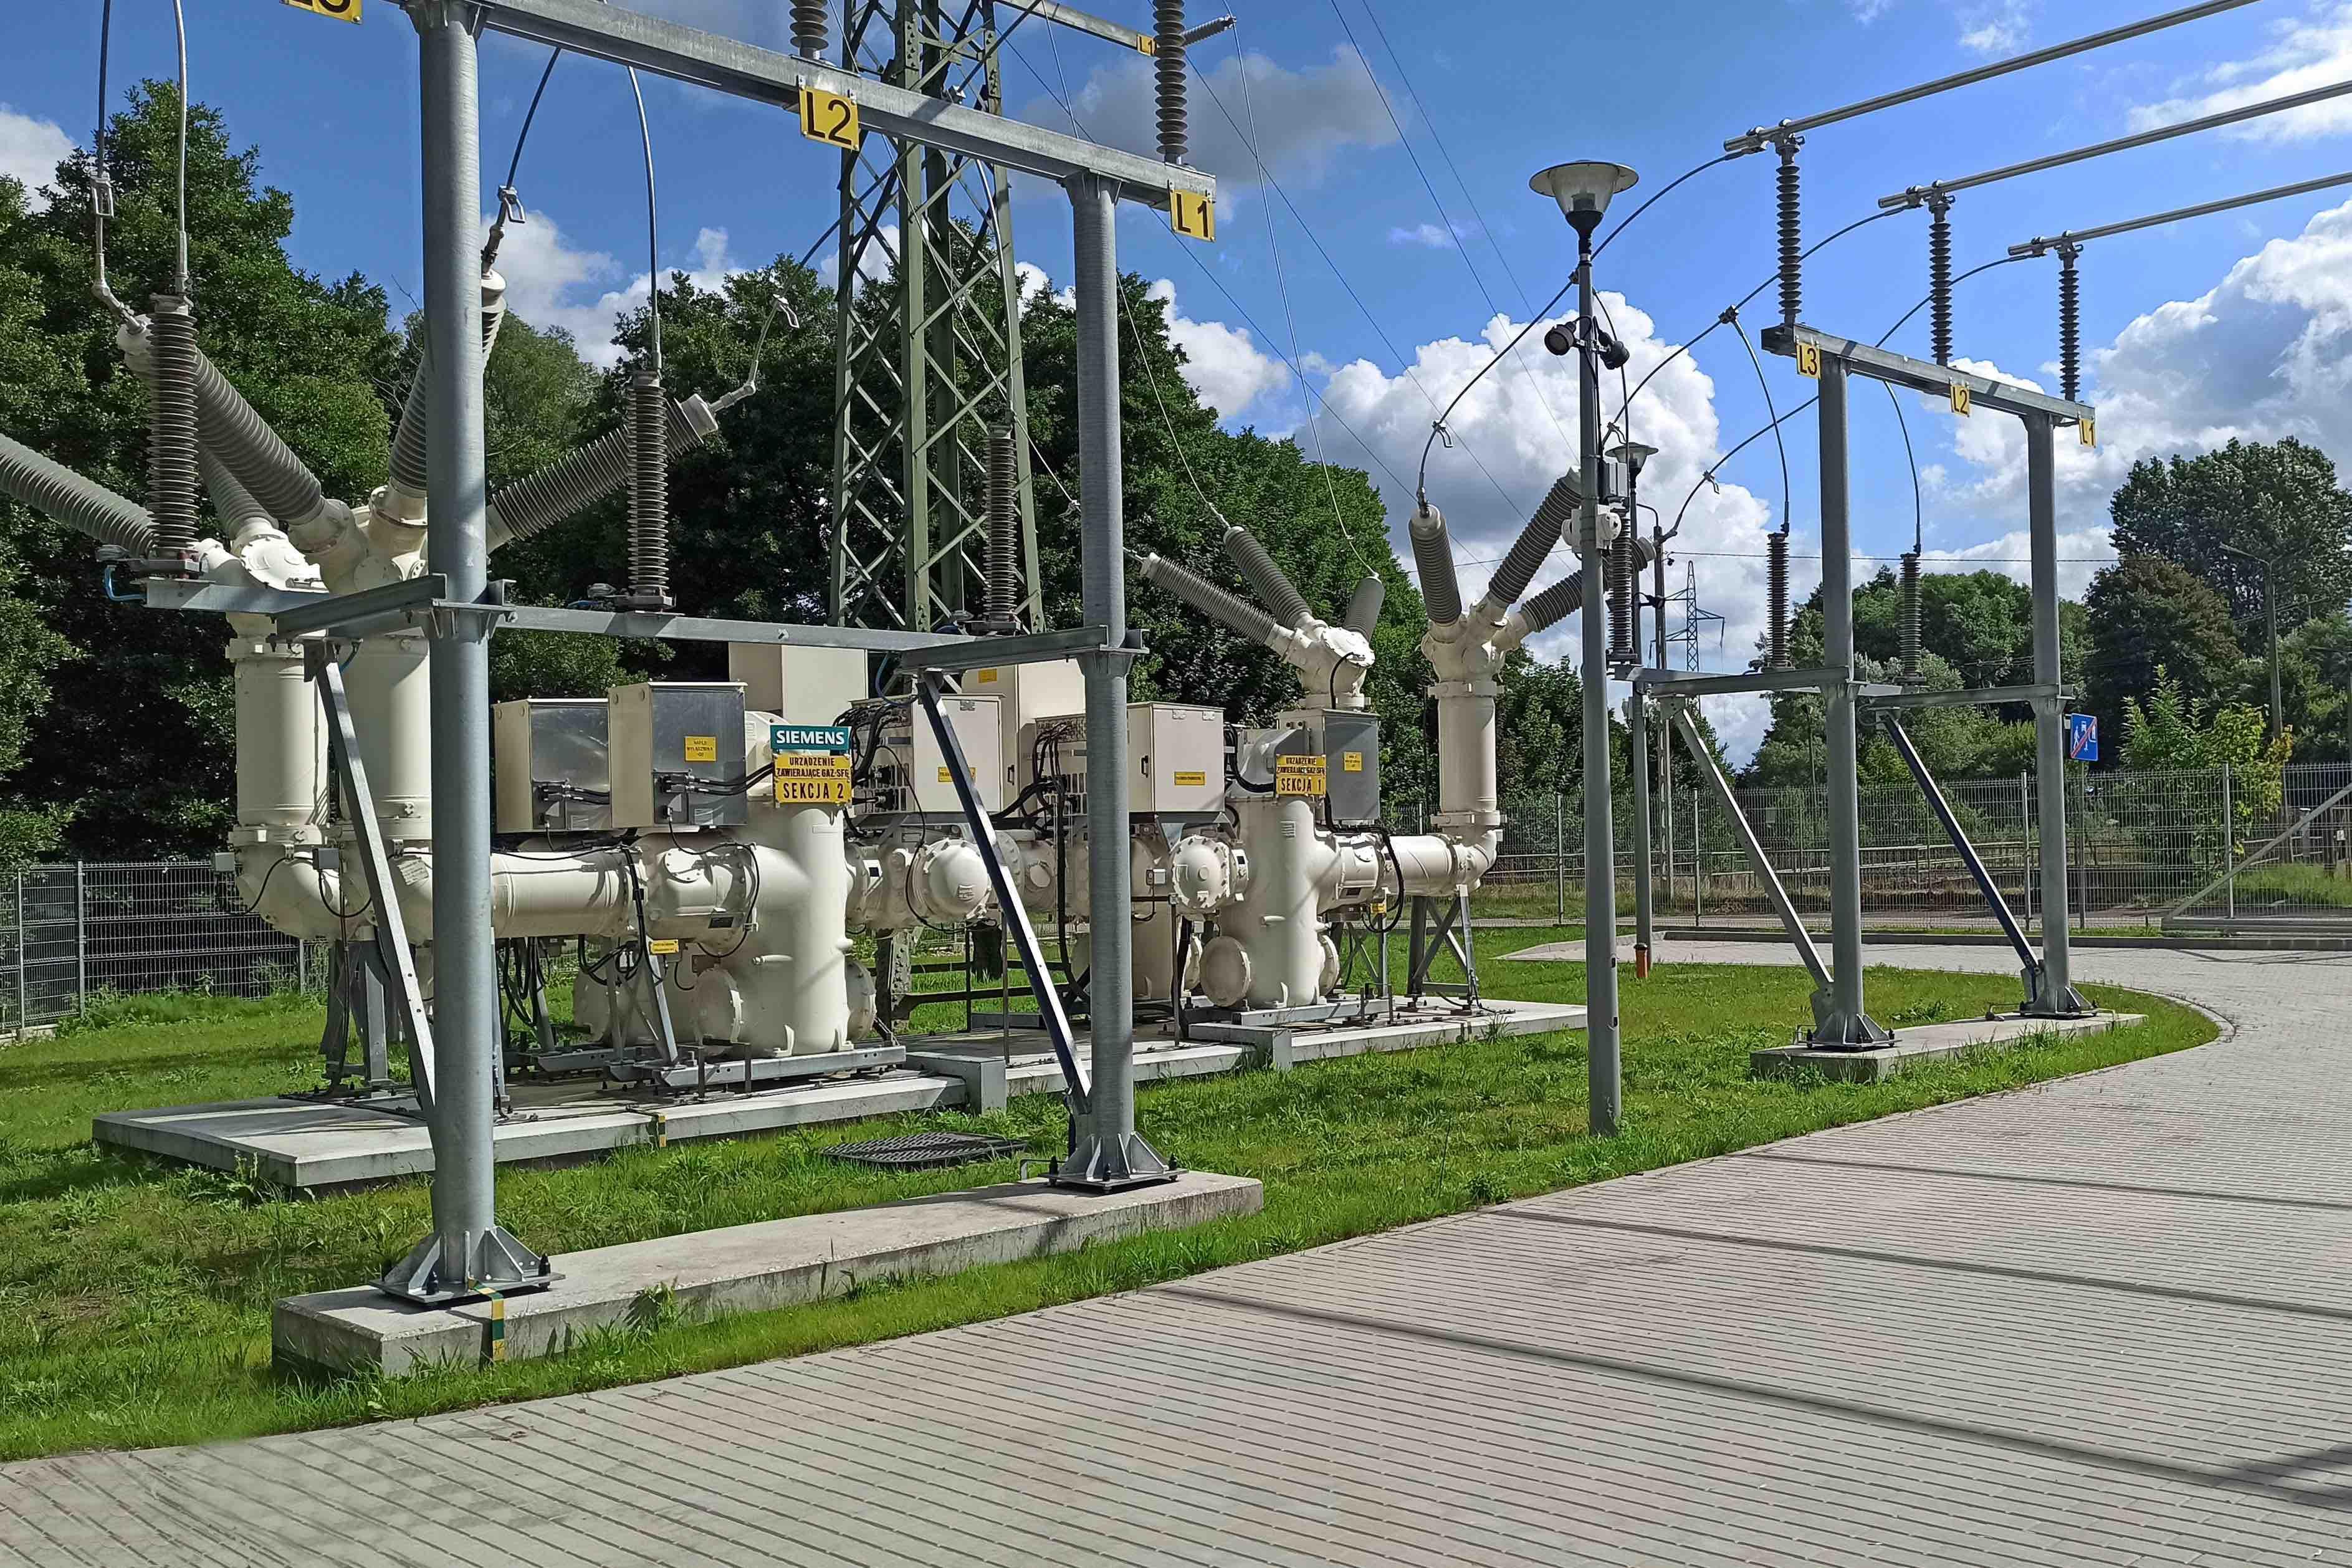 Energa Operator wymienia transformatory i modernizuje infrastrukturę sieciową, ograniczając straty energii elektrycznej w sieciach. Fot. Energa.